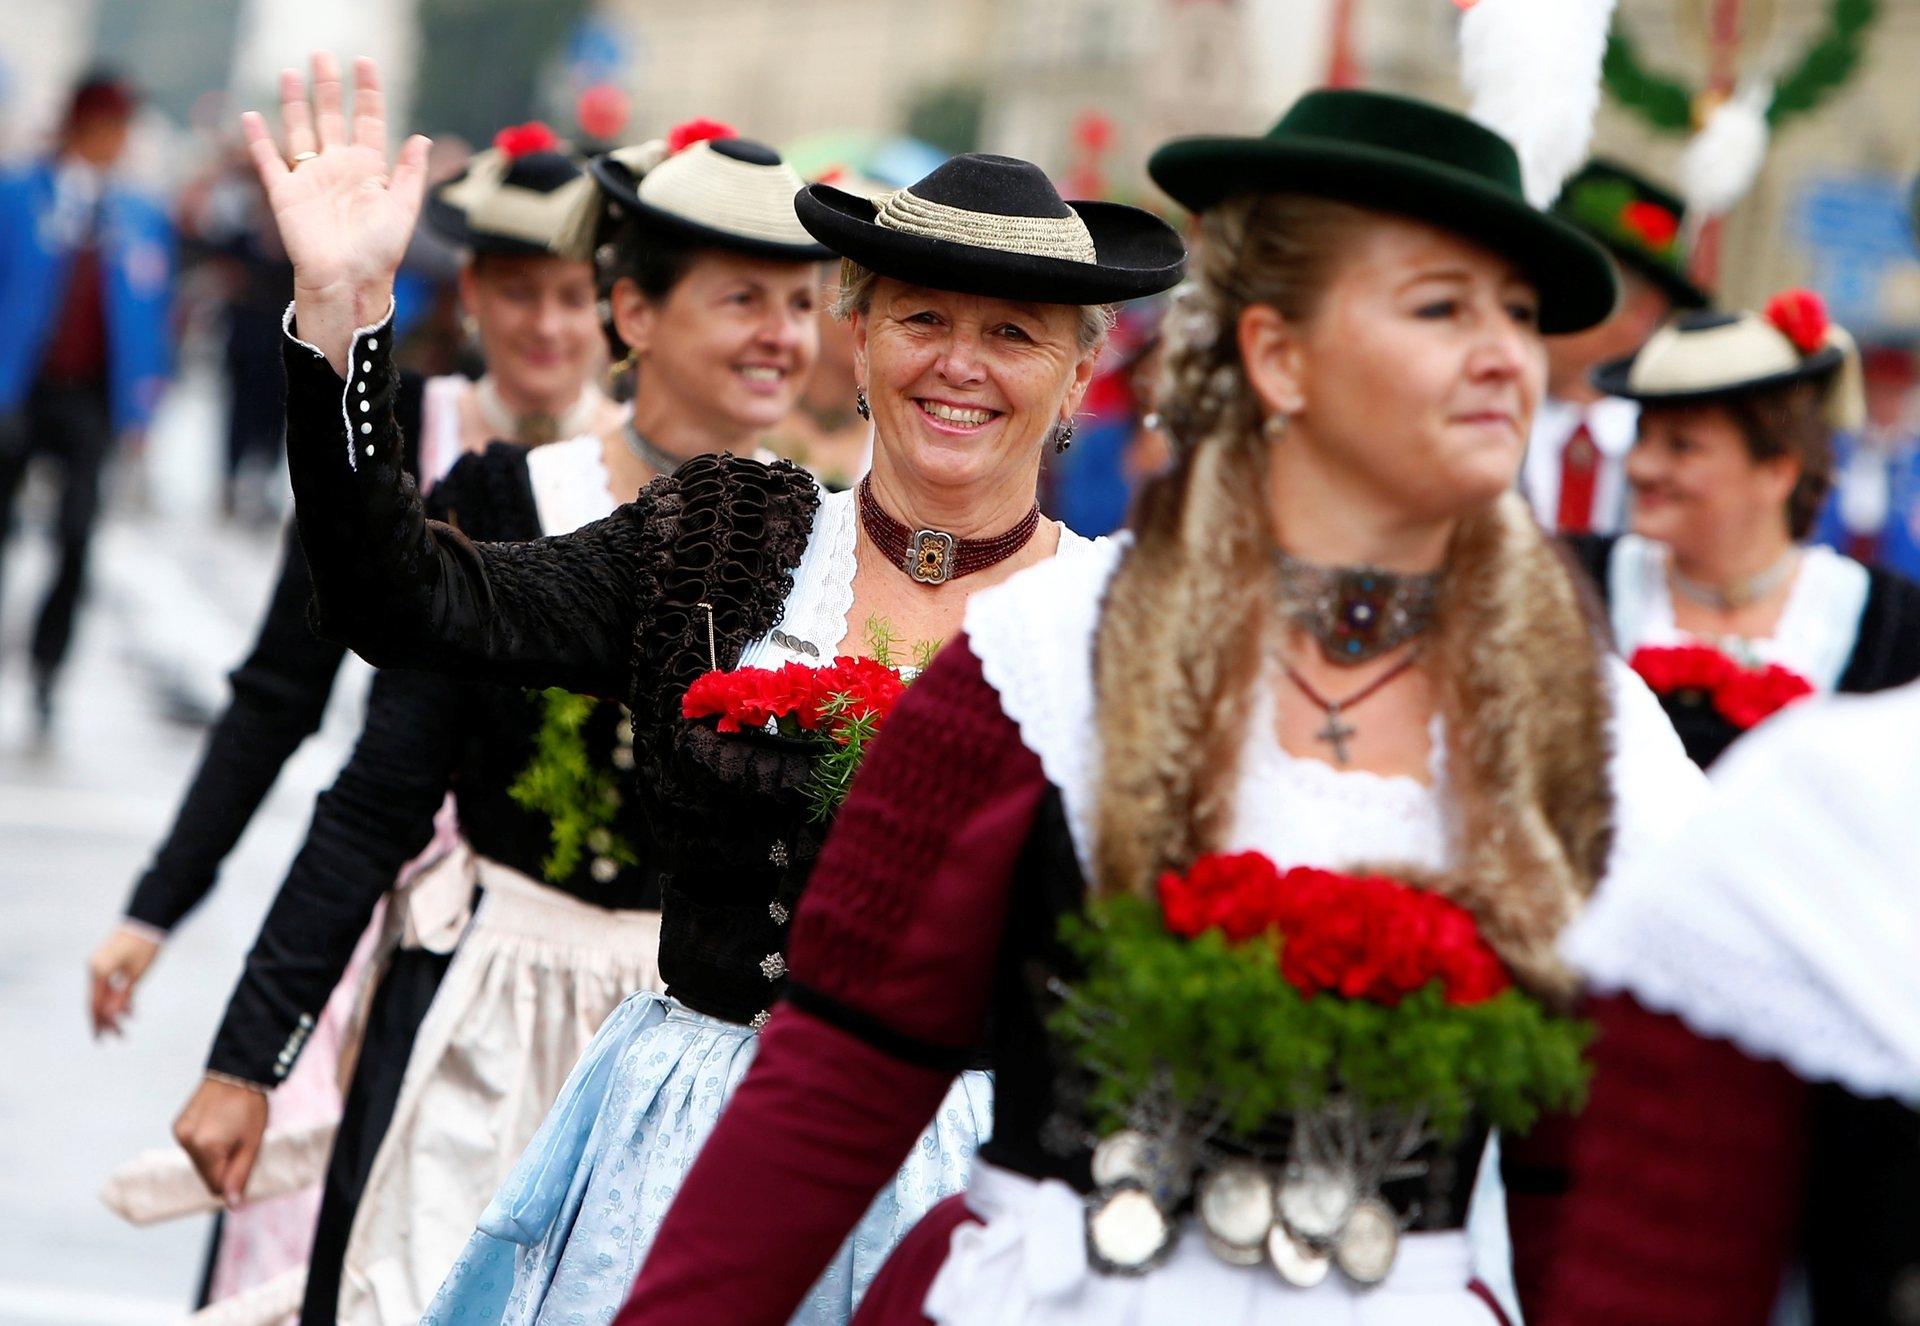 Các lễ hôi truyền thông ở Đức